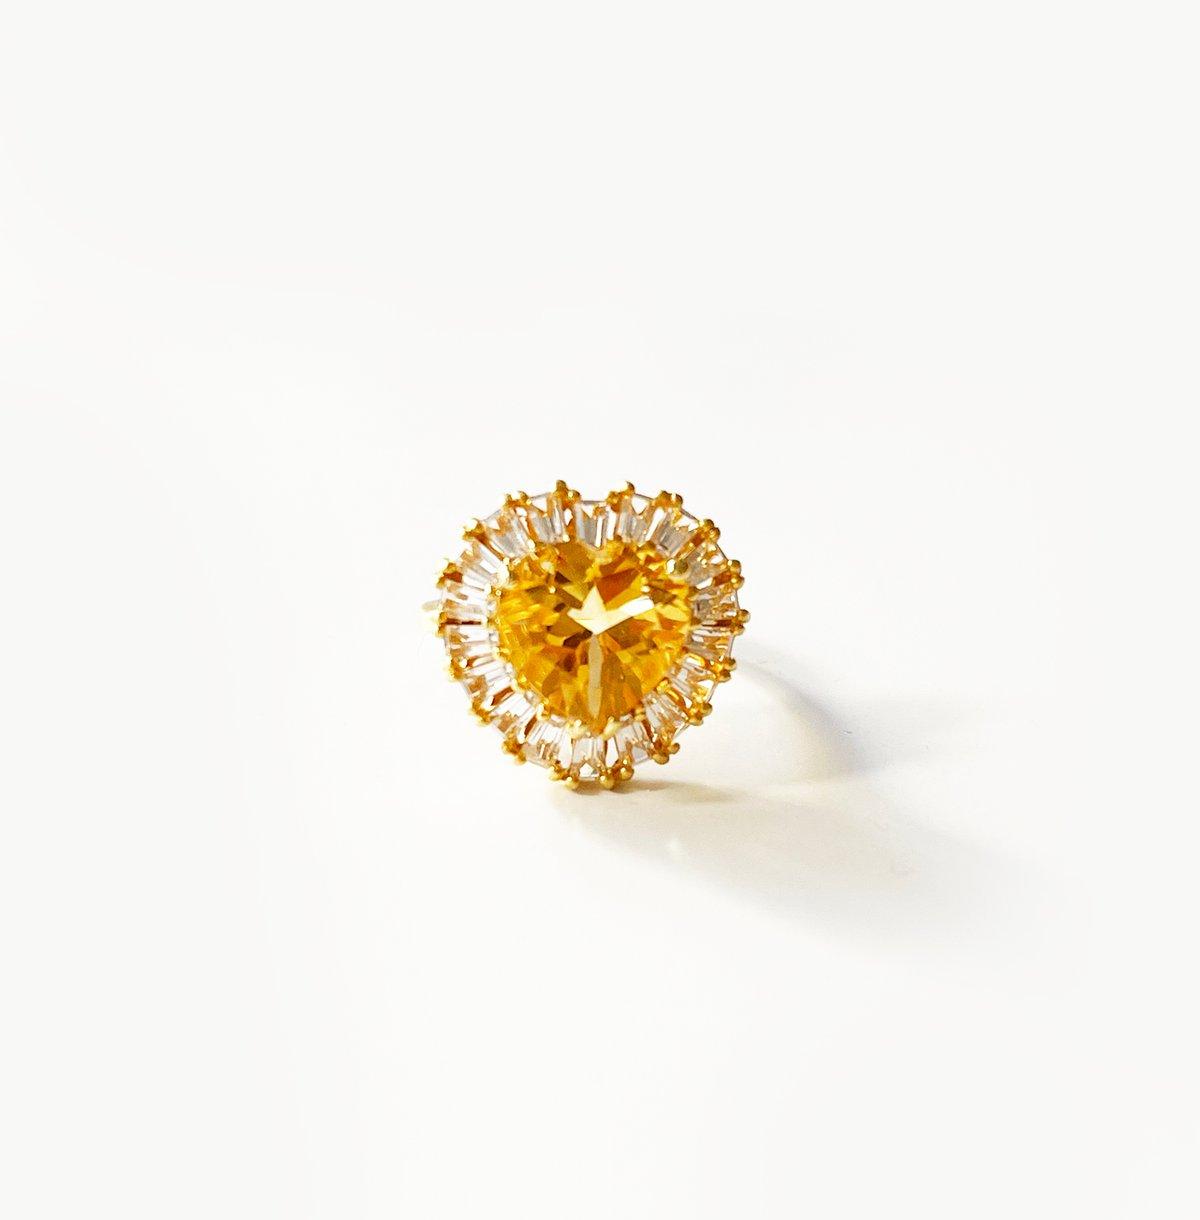 Image of Golden citrine topaz heart ring